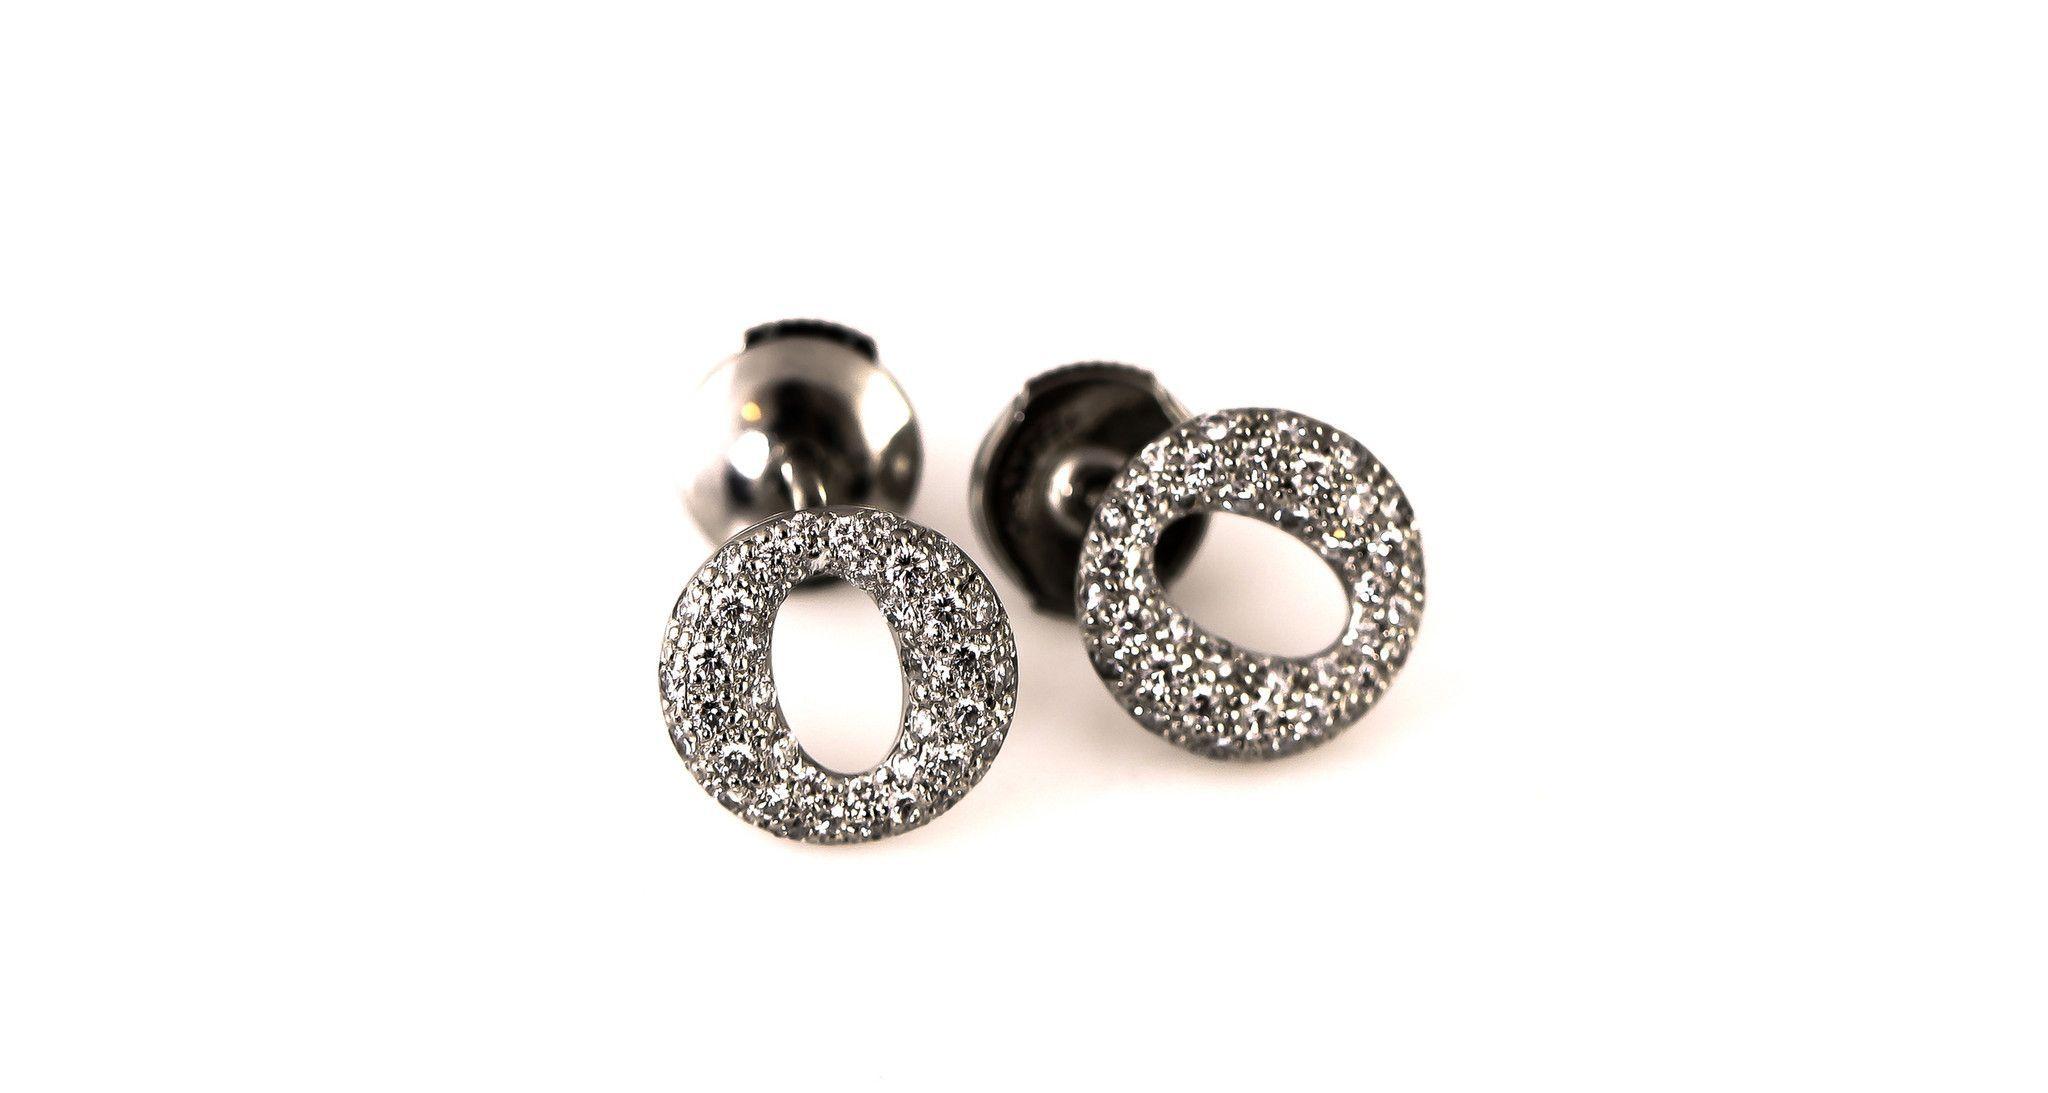 Tiffany & Co Platinum Diamond Opera Earrings (OOS)